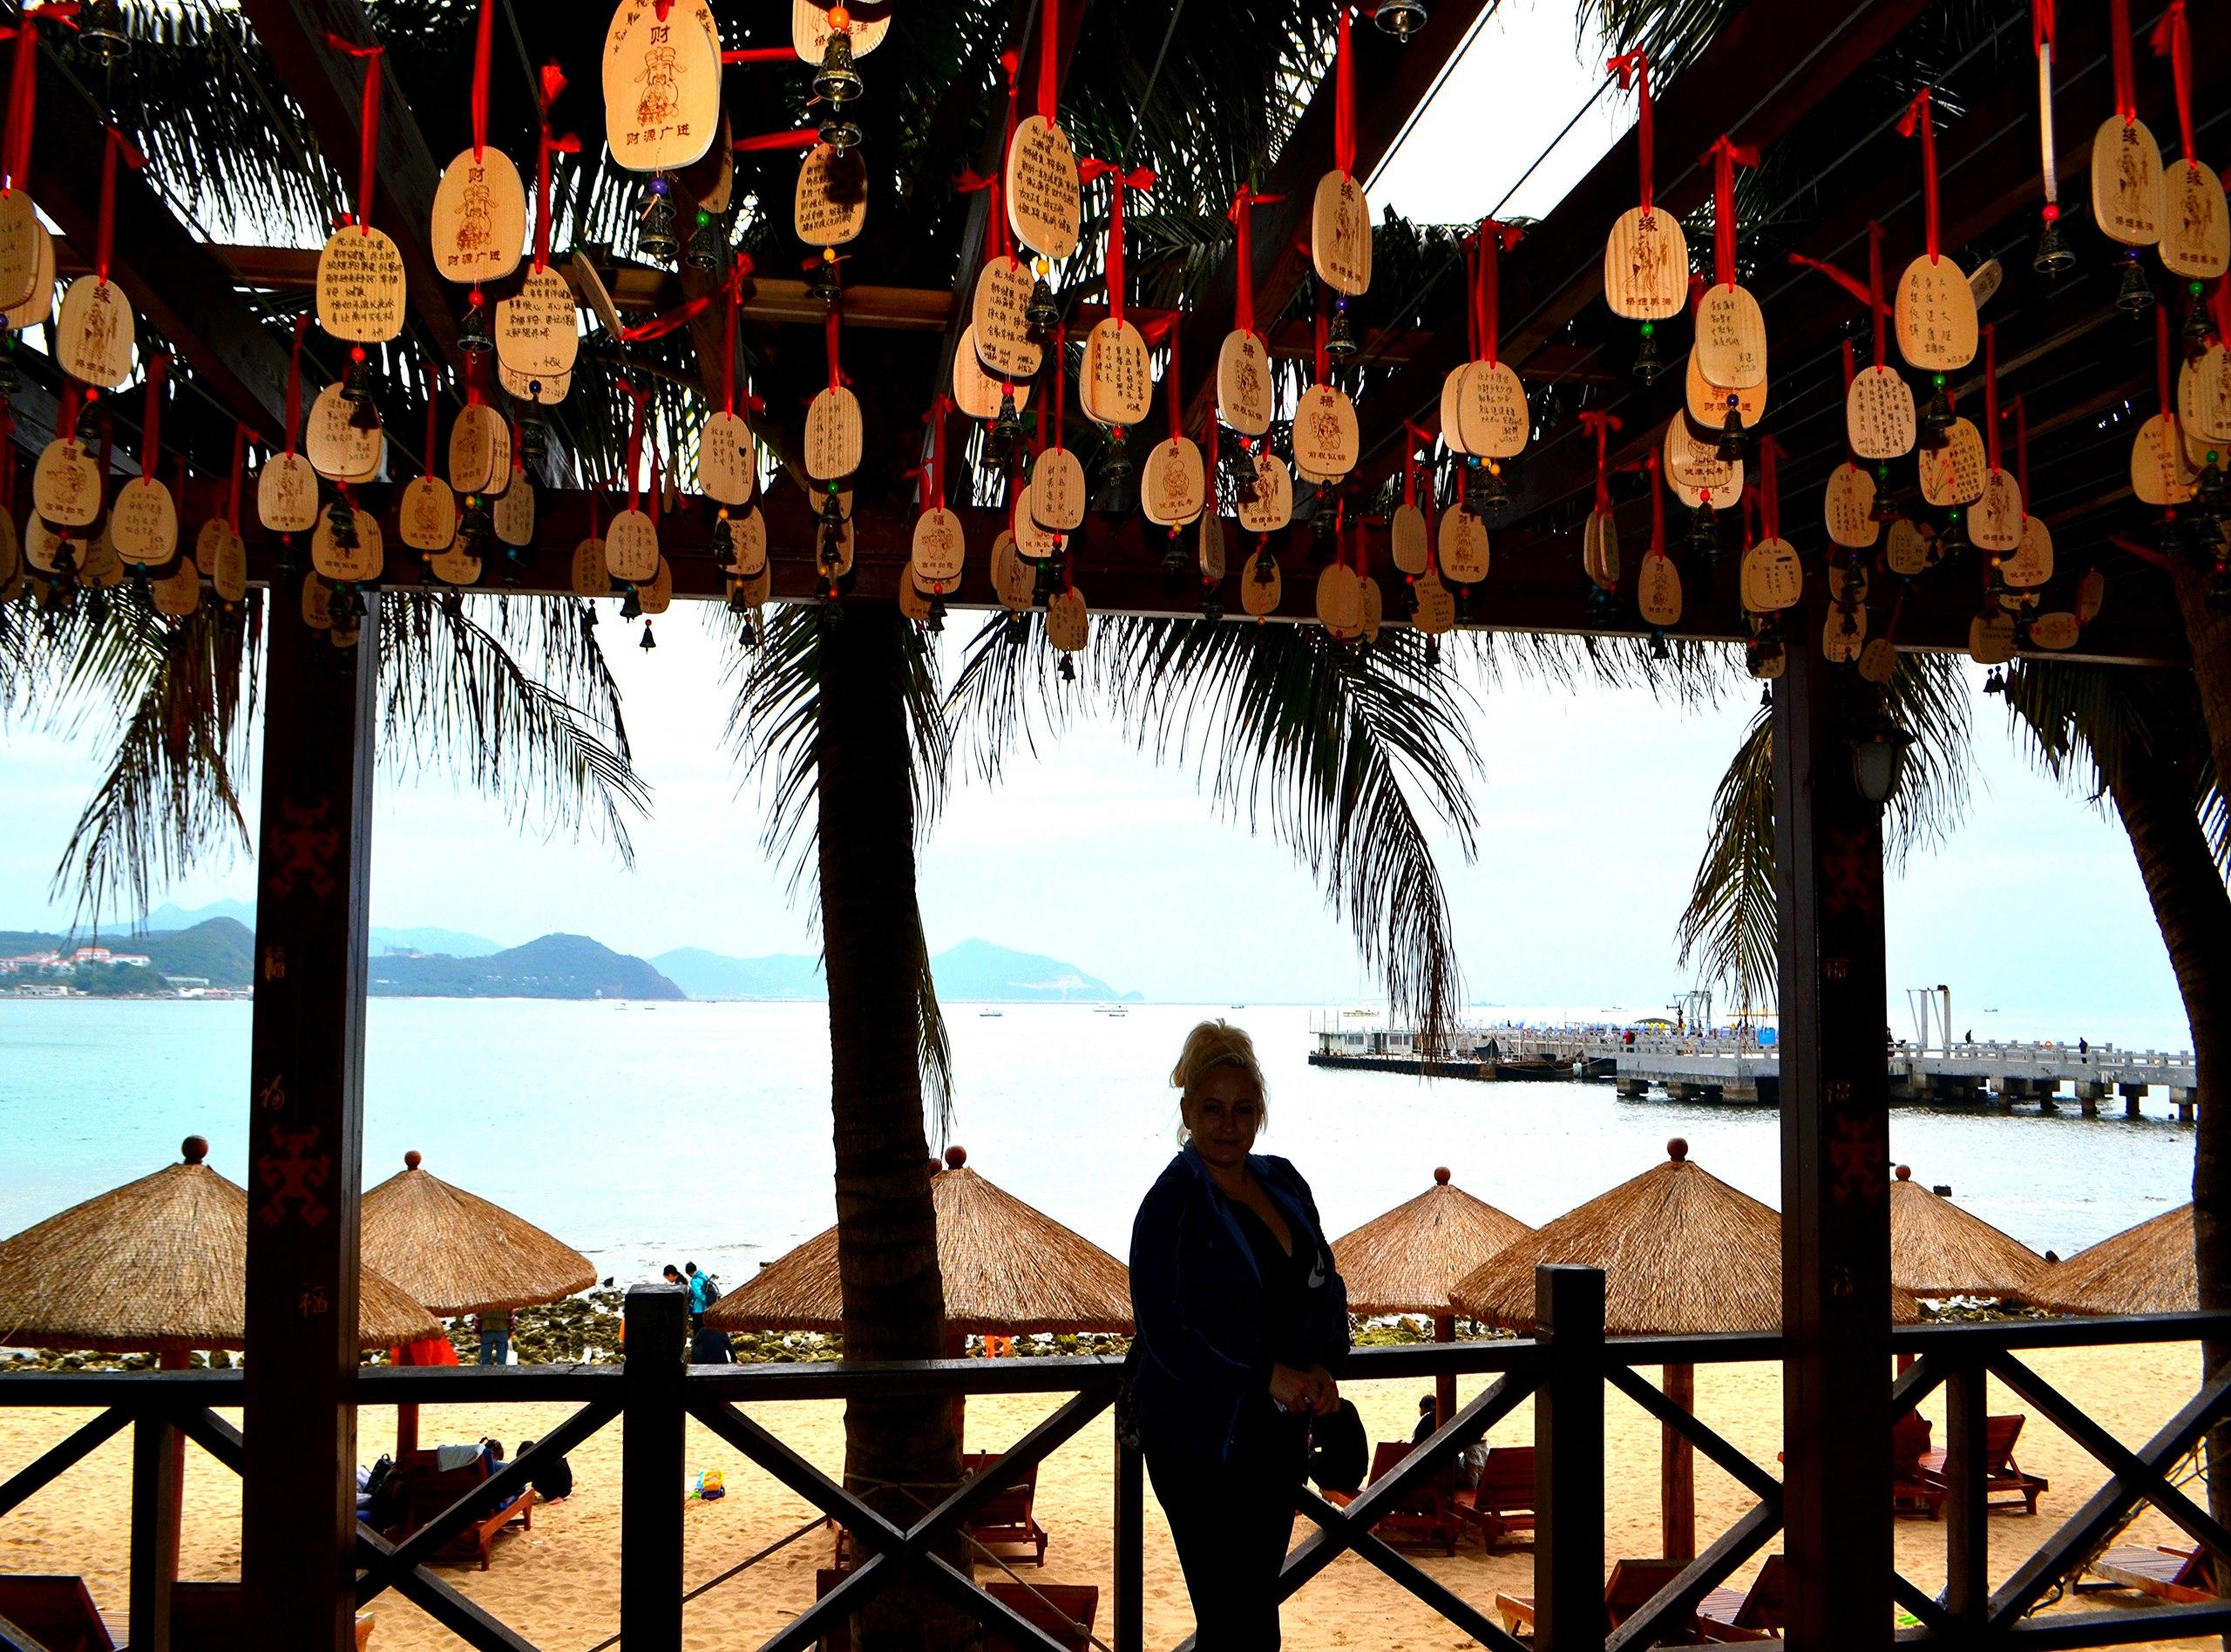 Елена Руденко (Валтея). Китай, о.Хайнань, г.Санья. (фото) - Страница 6 JtfY-1sOft4